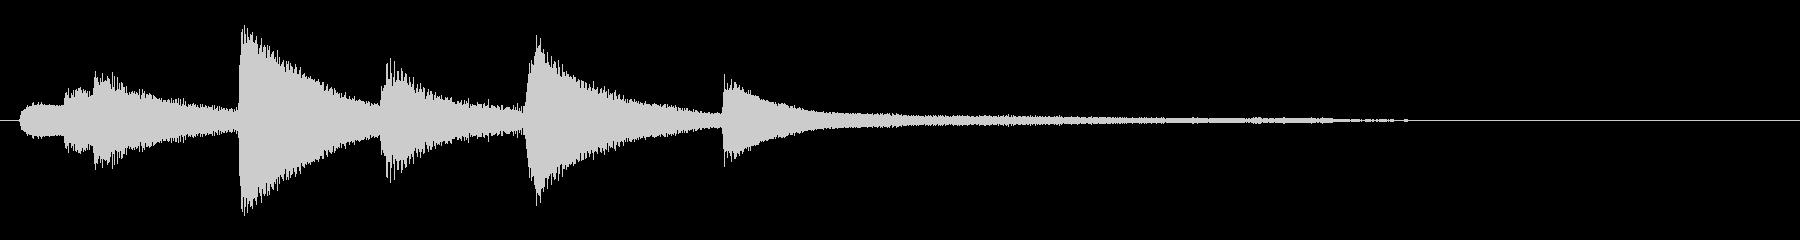 和風ピアノサウンドロゴ_ジングル4秒の未再生の波形